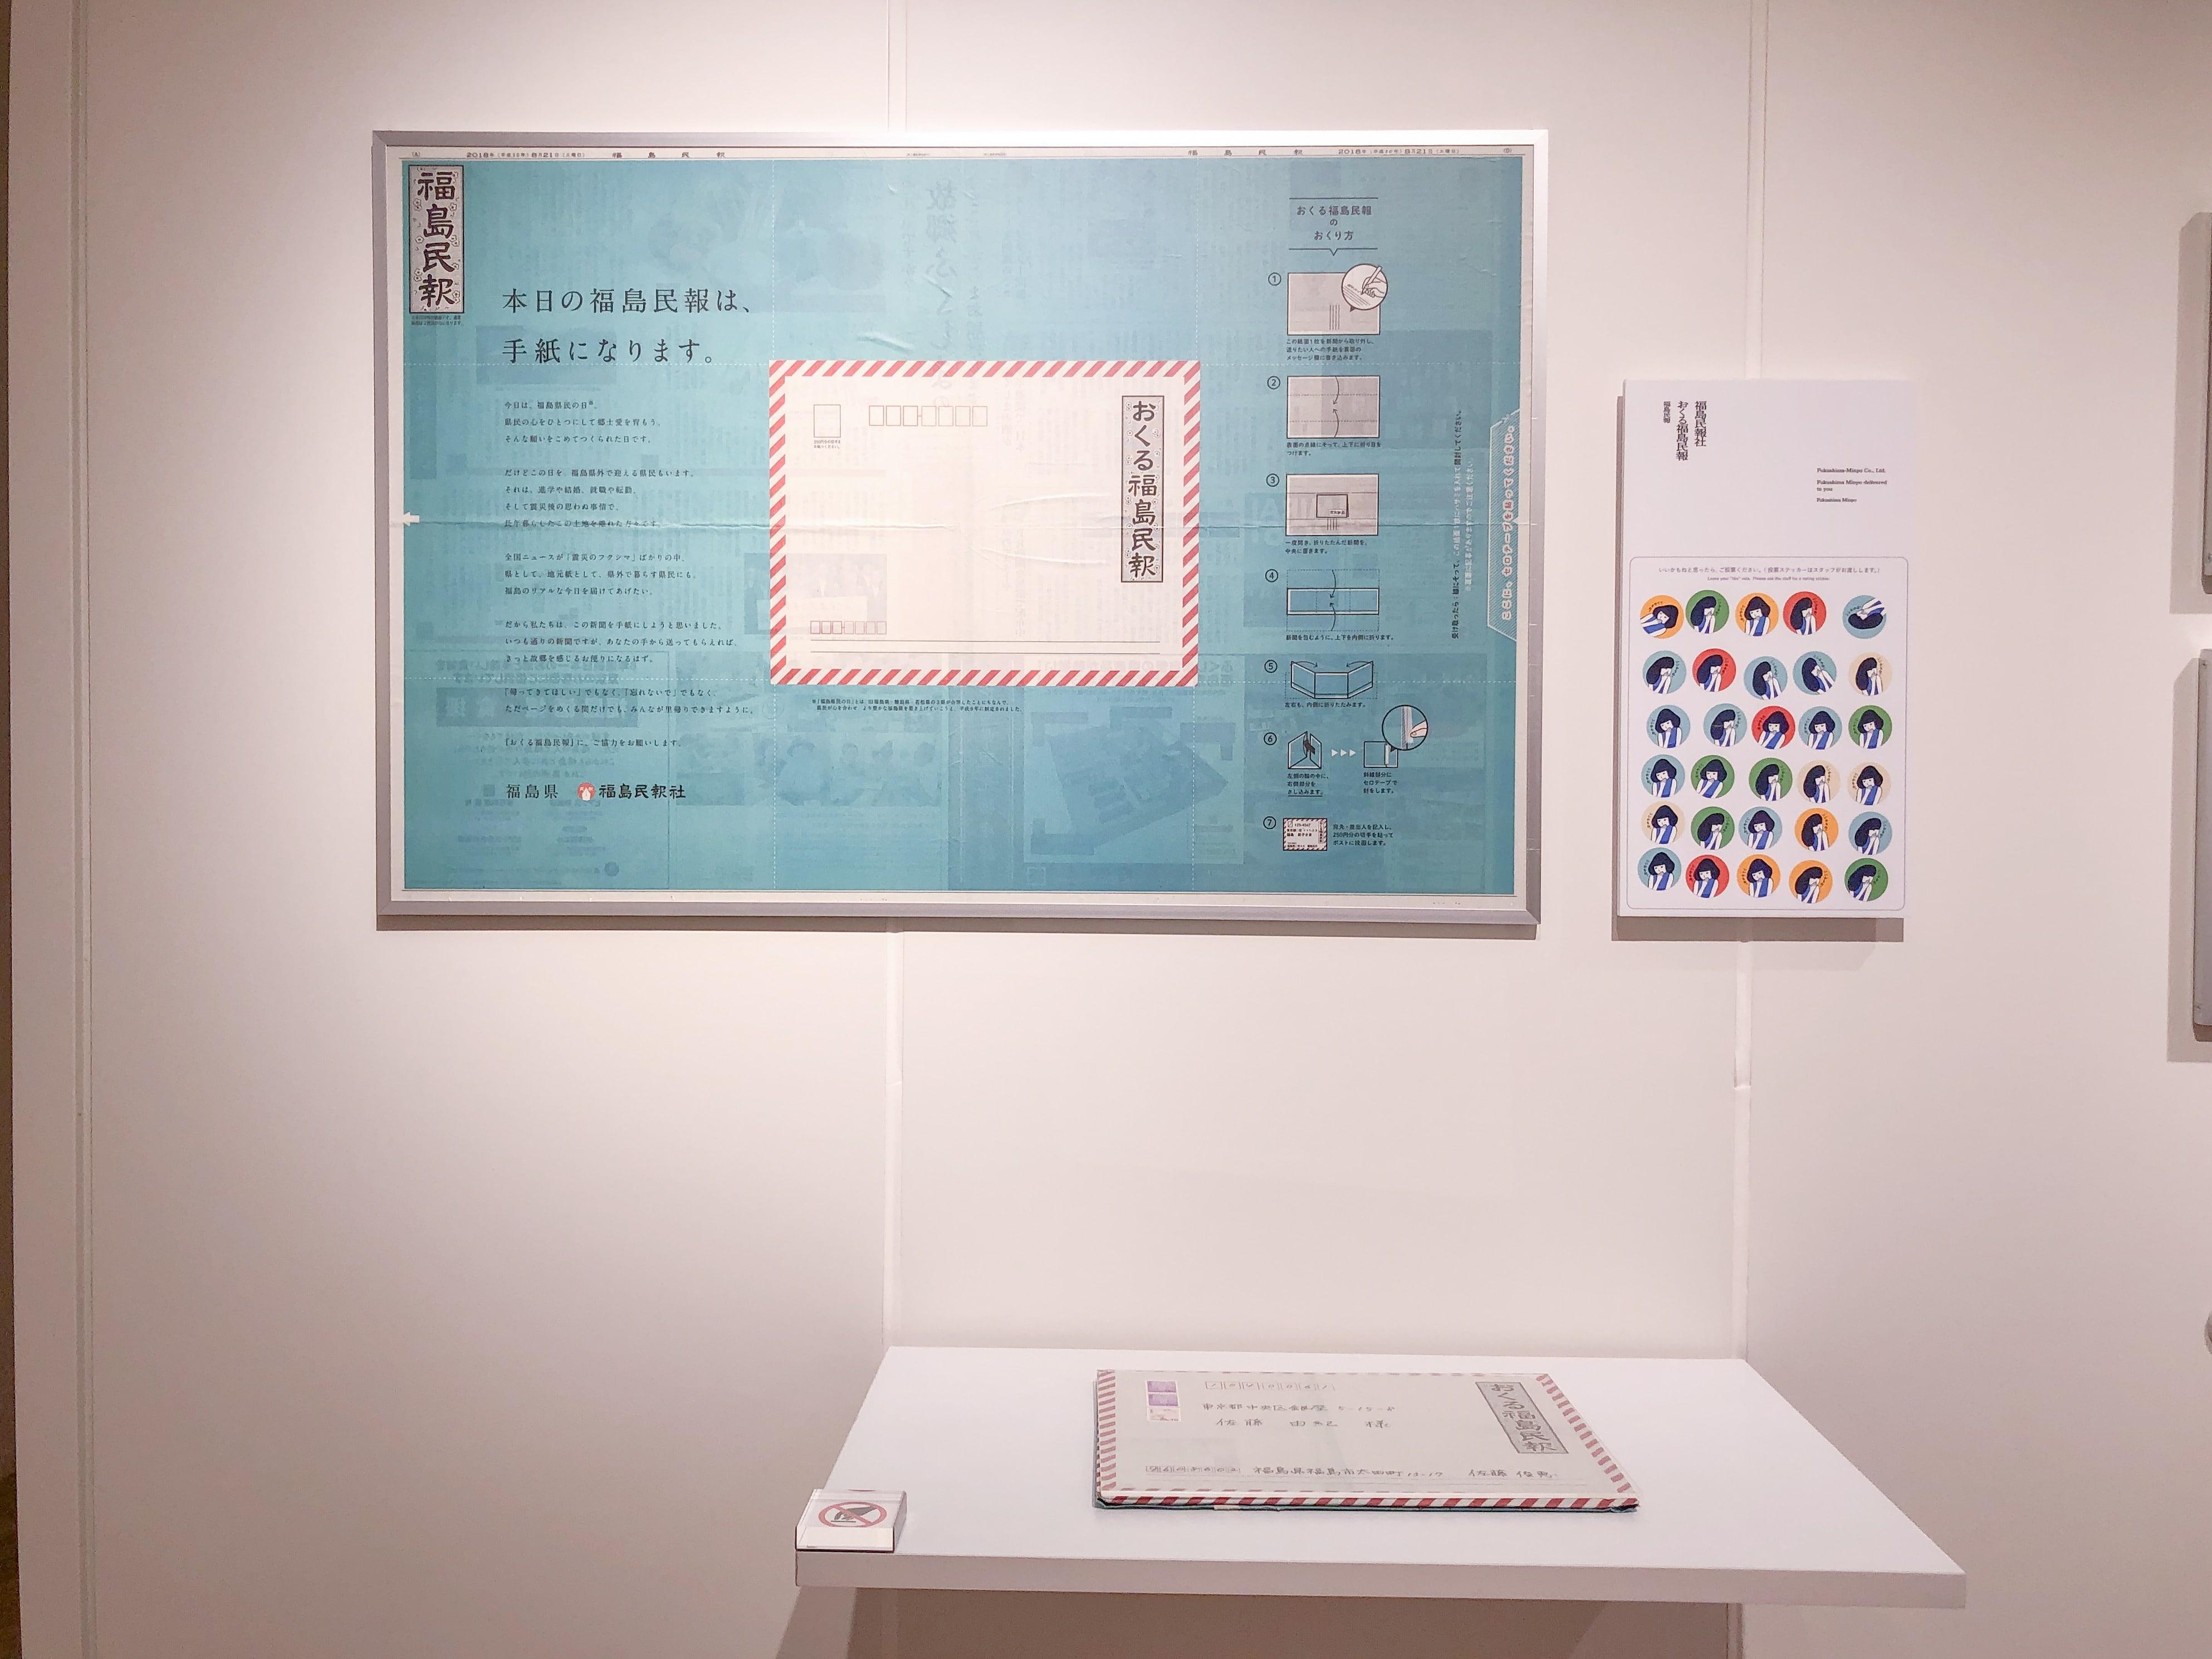 アド・ミュージアム東京 企画展示室